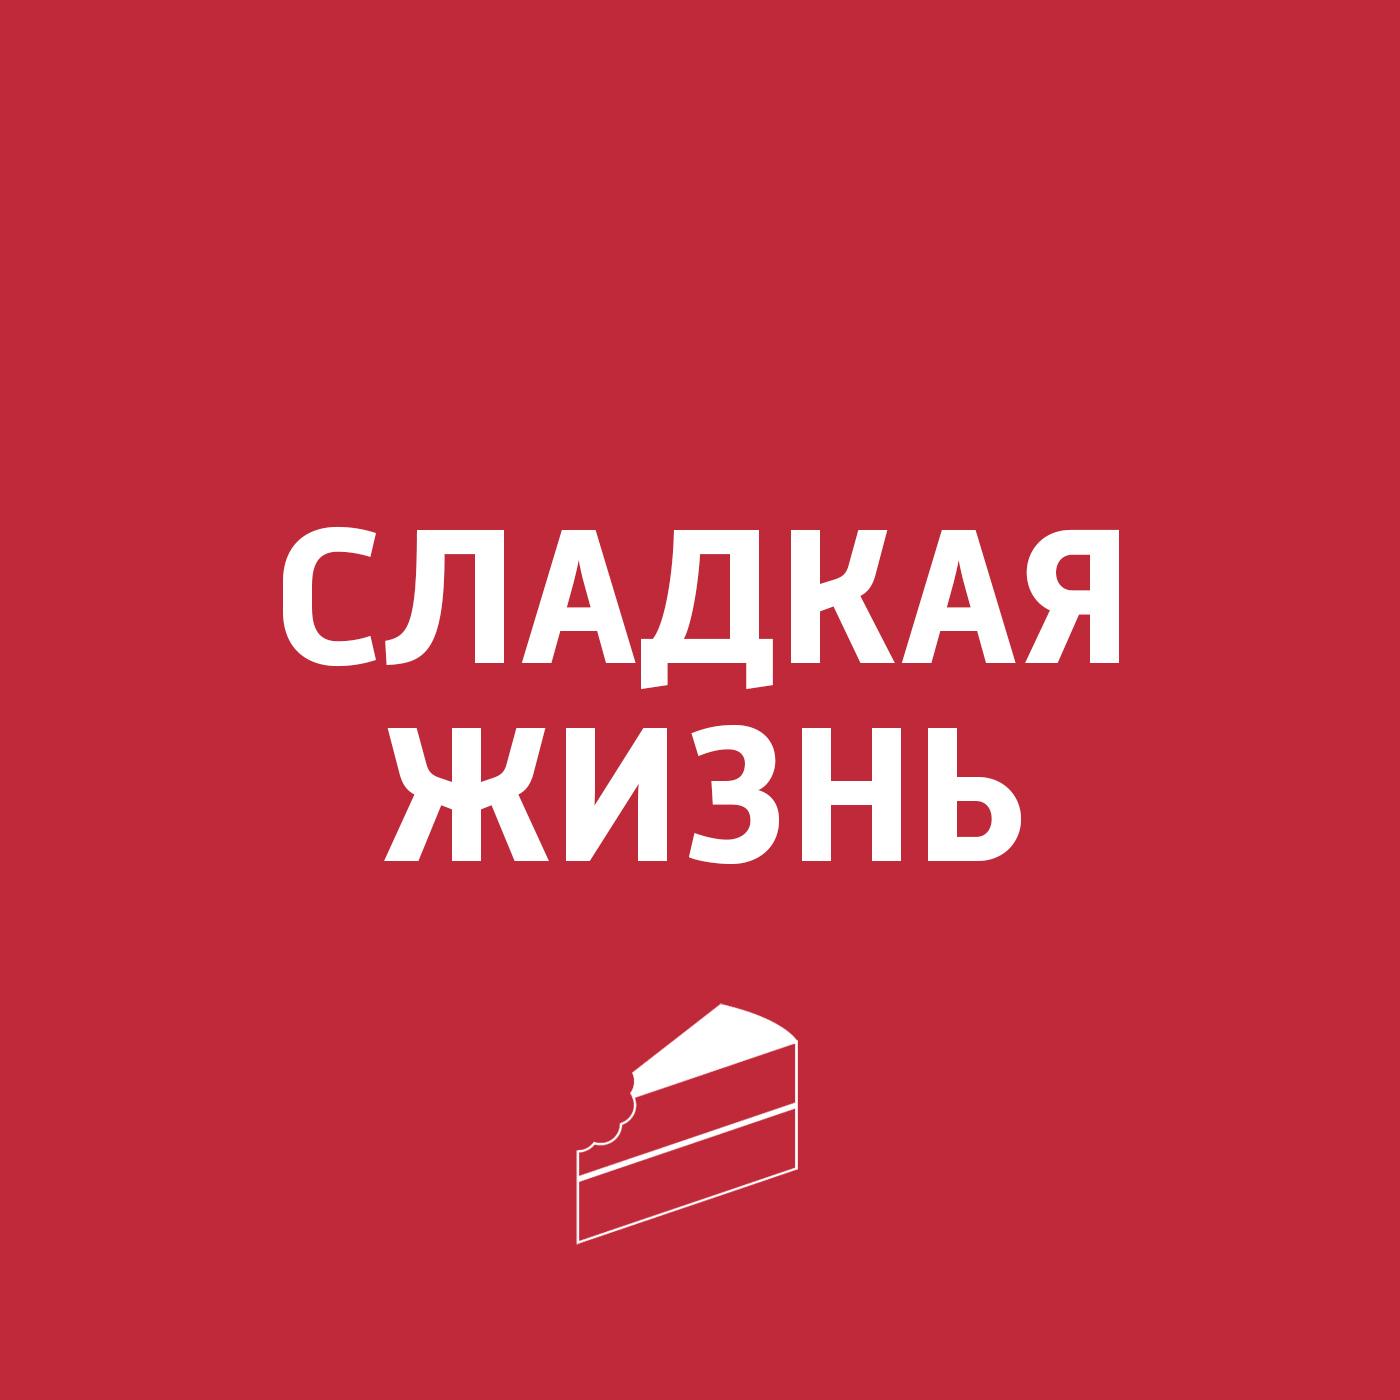 Картаев Павел Суфле морозова елена вячеславовна людовик xvi непонятый король